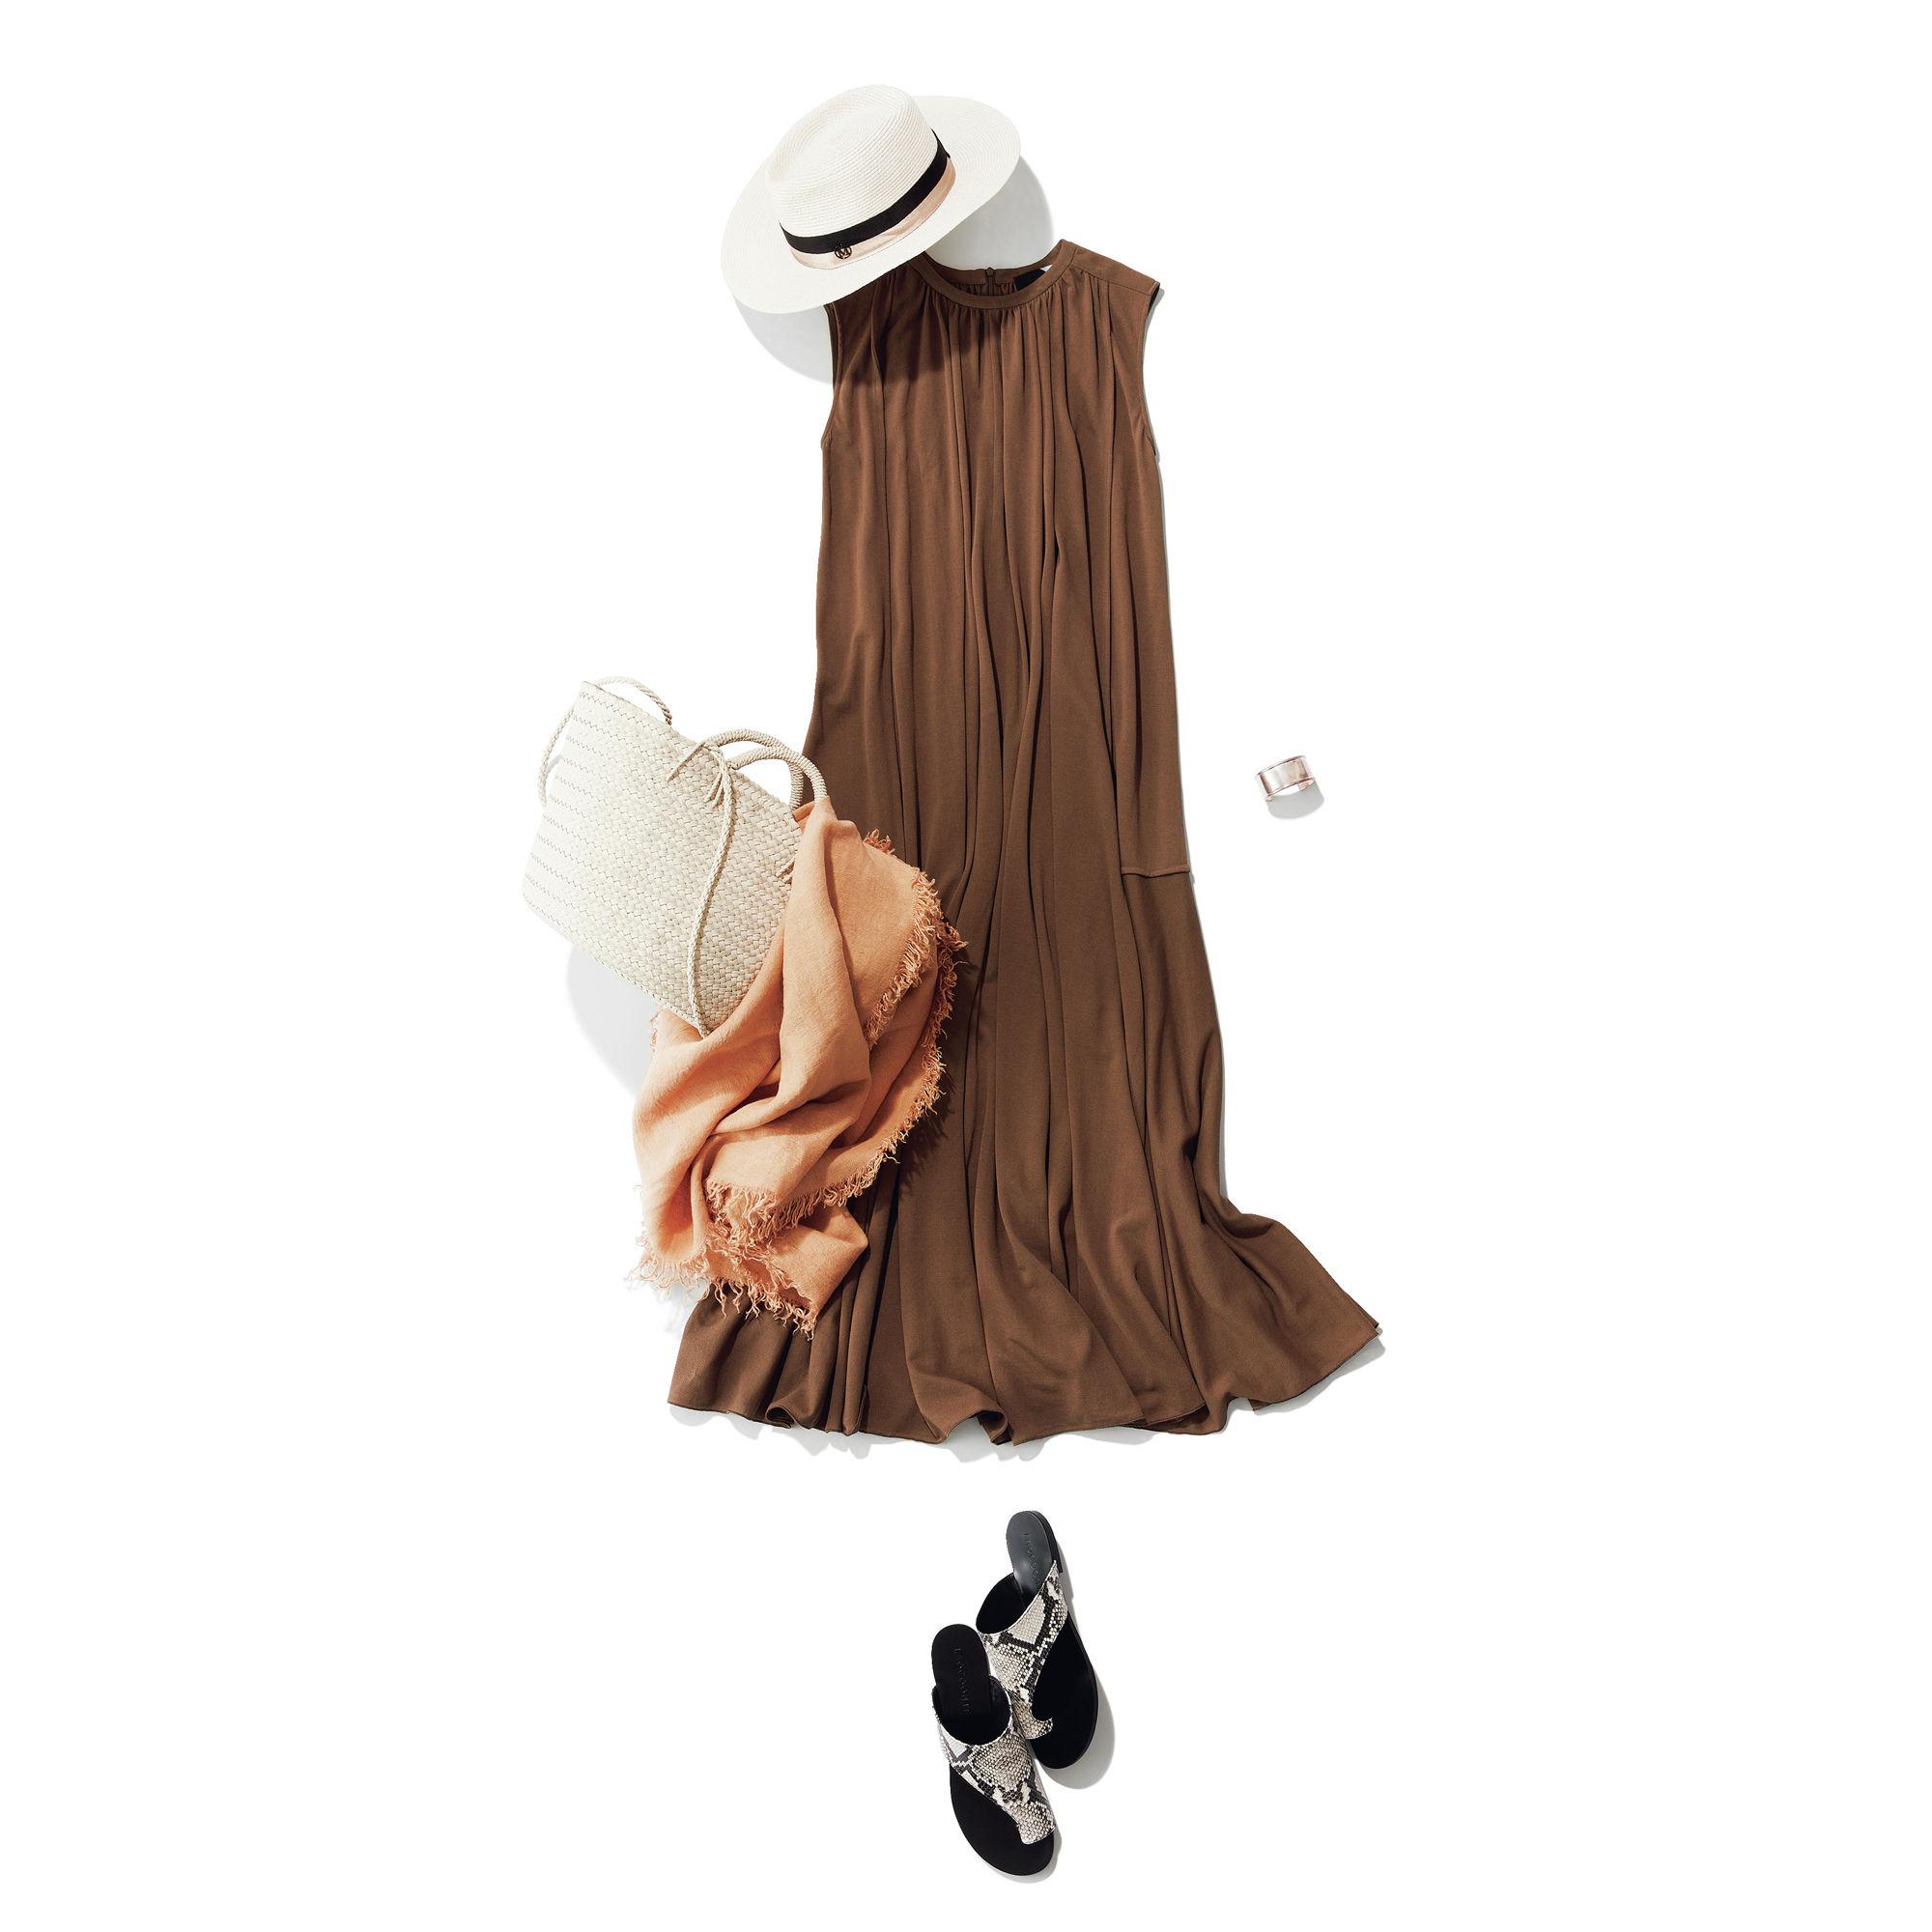 ATON (エイトン) FRESCA KANOKO /ギャザードレス ¥60,500